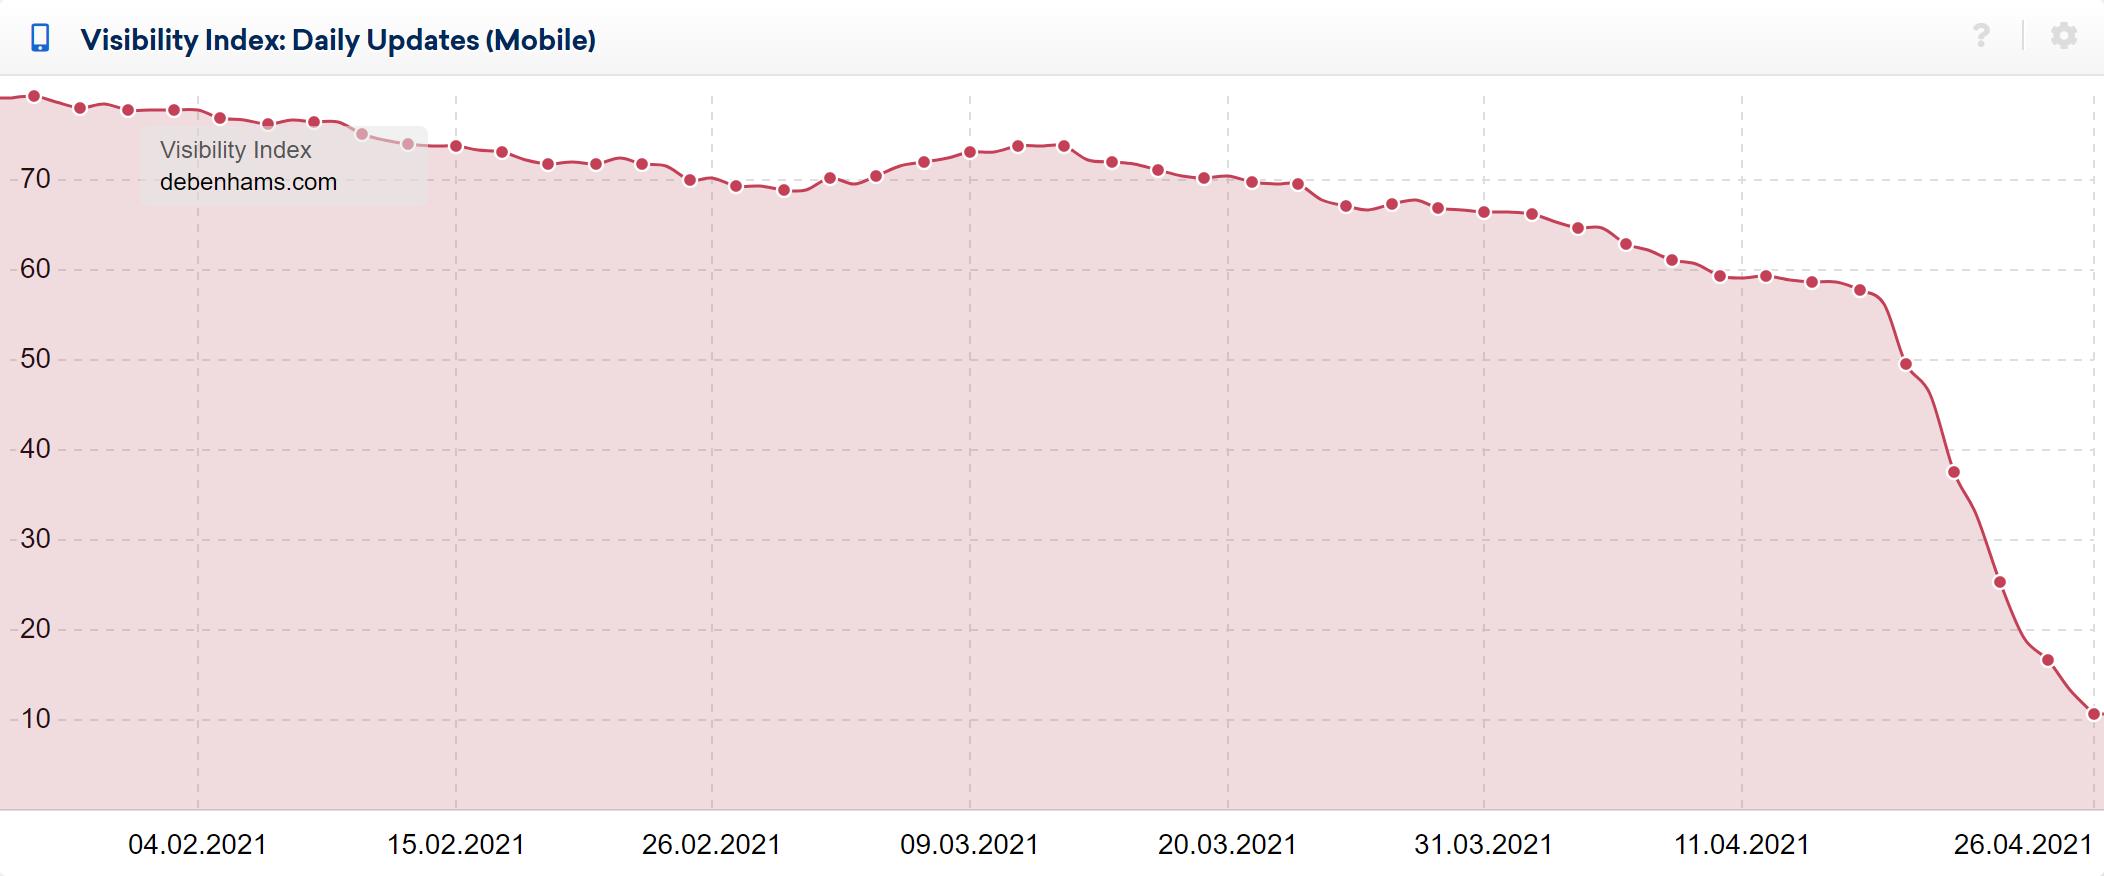 debenhams.com seo rankings drop